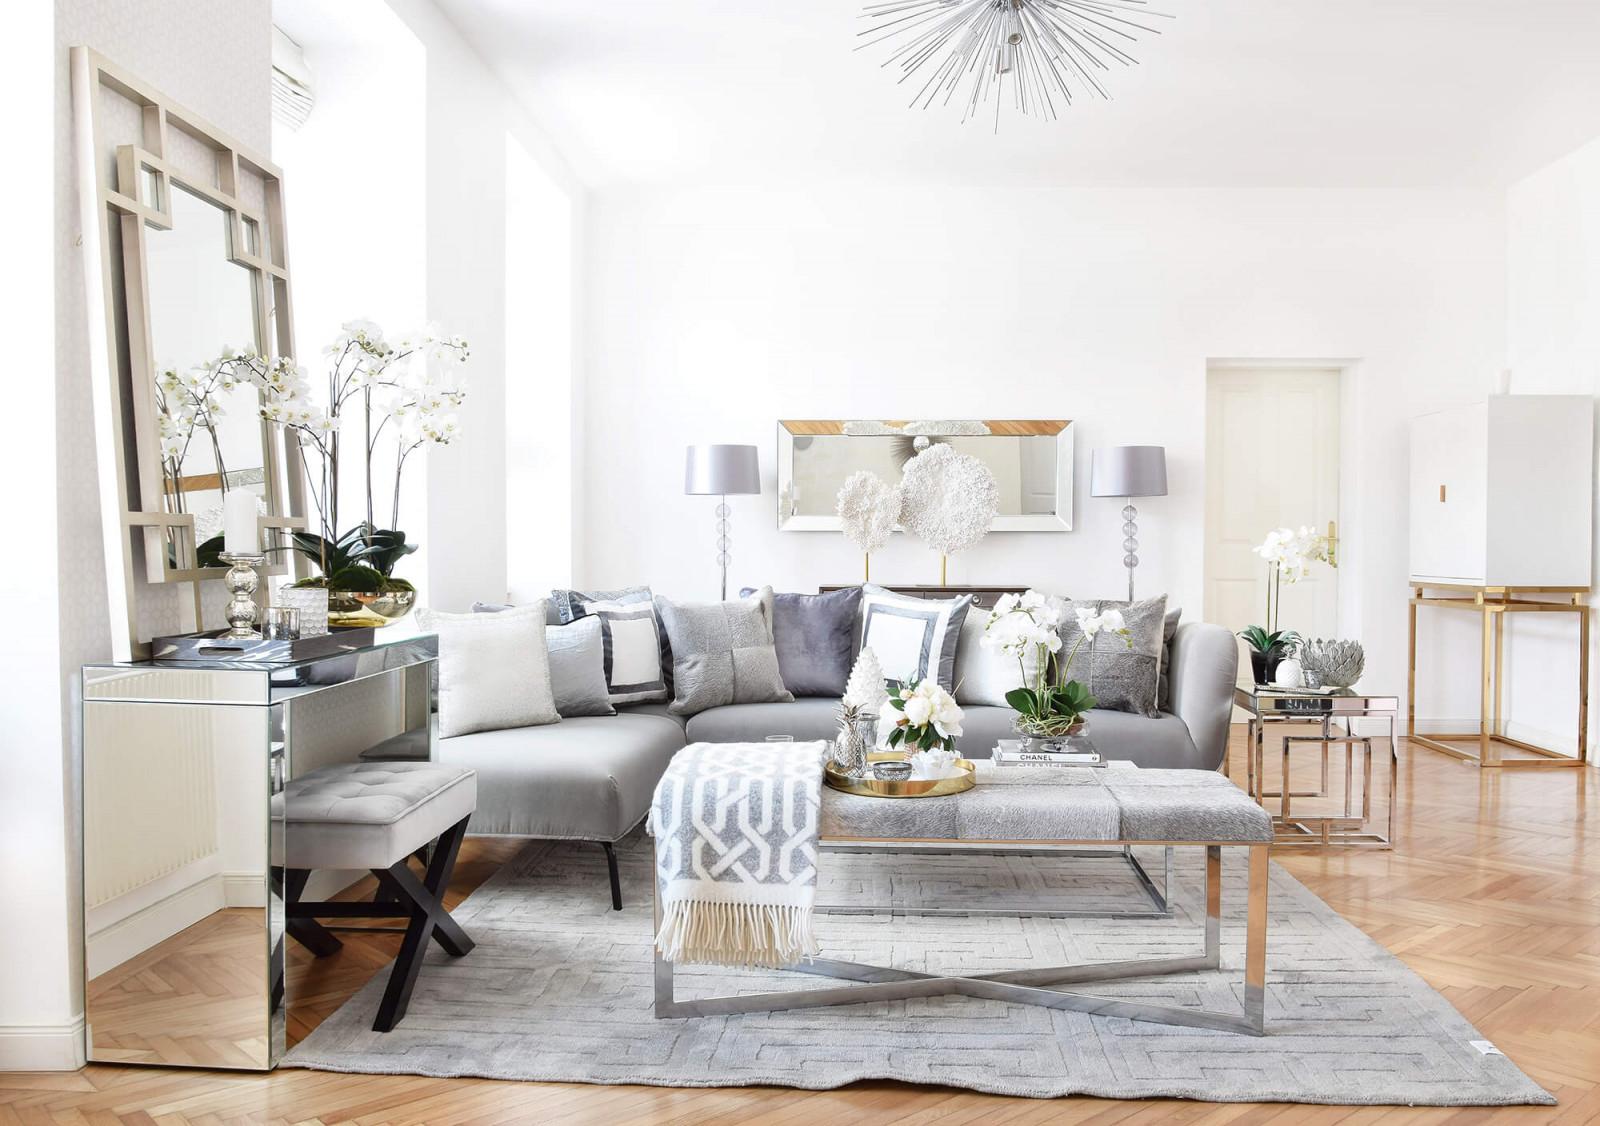 Urban Loft Livingroom  Wohnzimmer In Silber  Grau  Looks von Wohnzimmer Deko Silber Bild